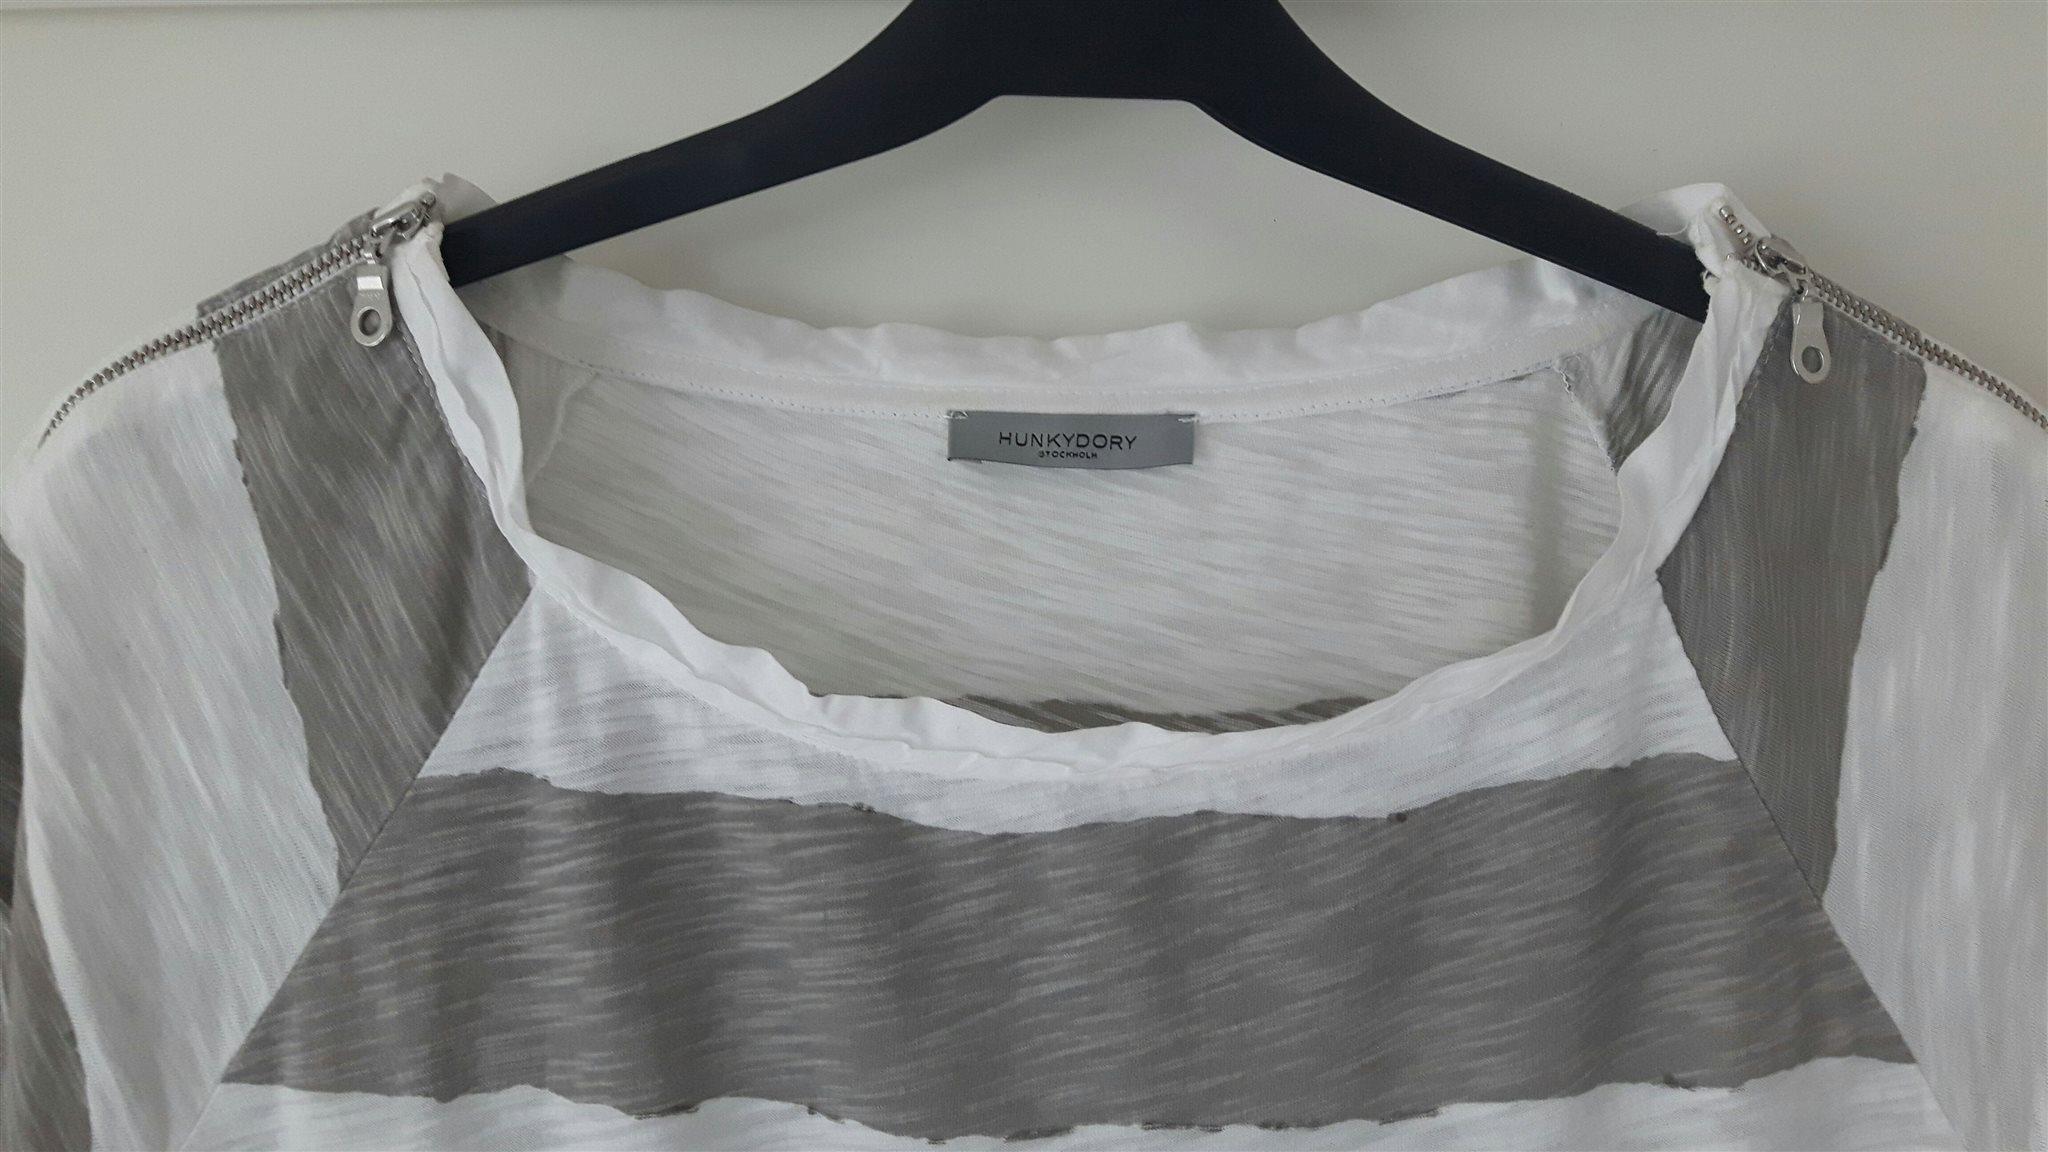 Vit och och och grå-randig kortärmad tröja, topp, t-shirt stl S,  Hunkydory, Hunky dory b8d940